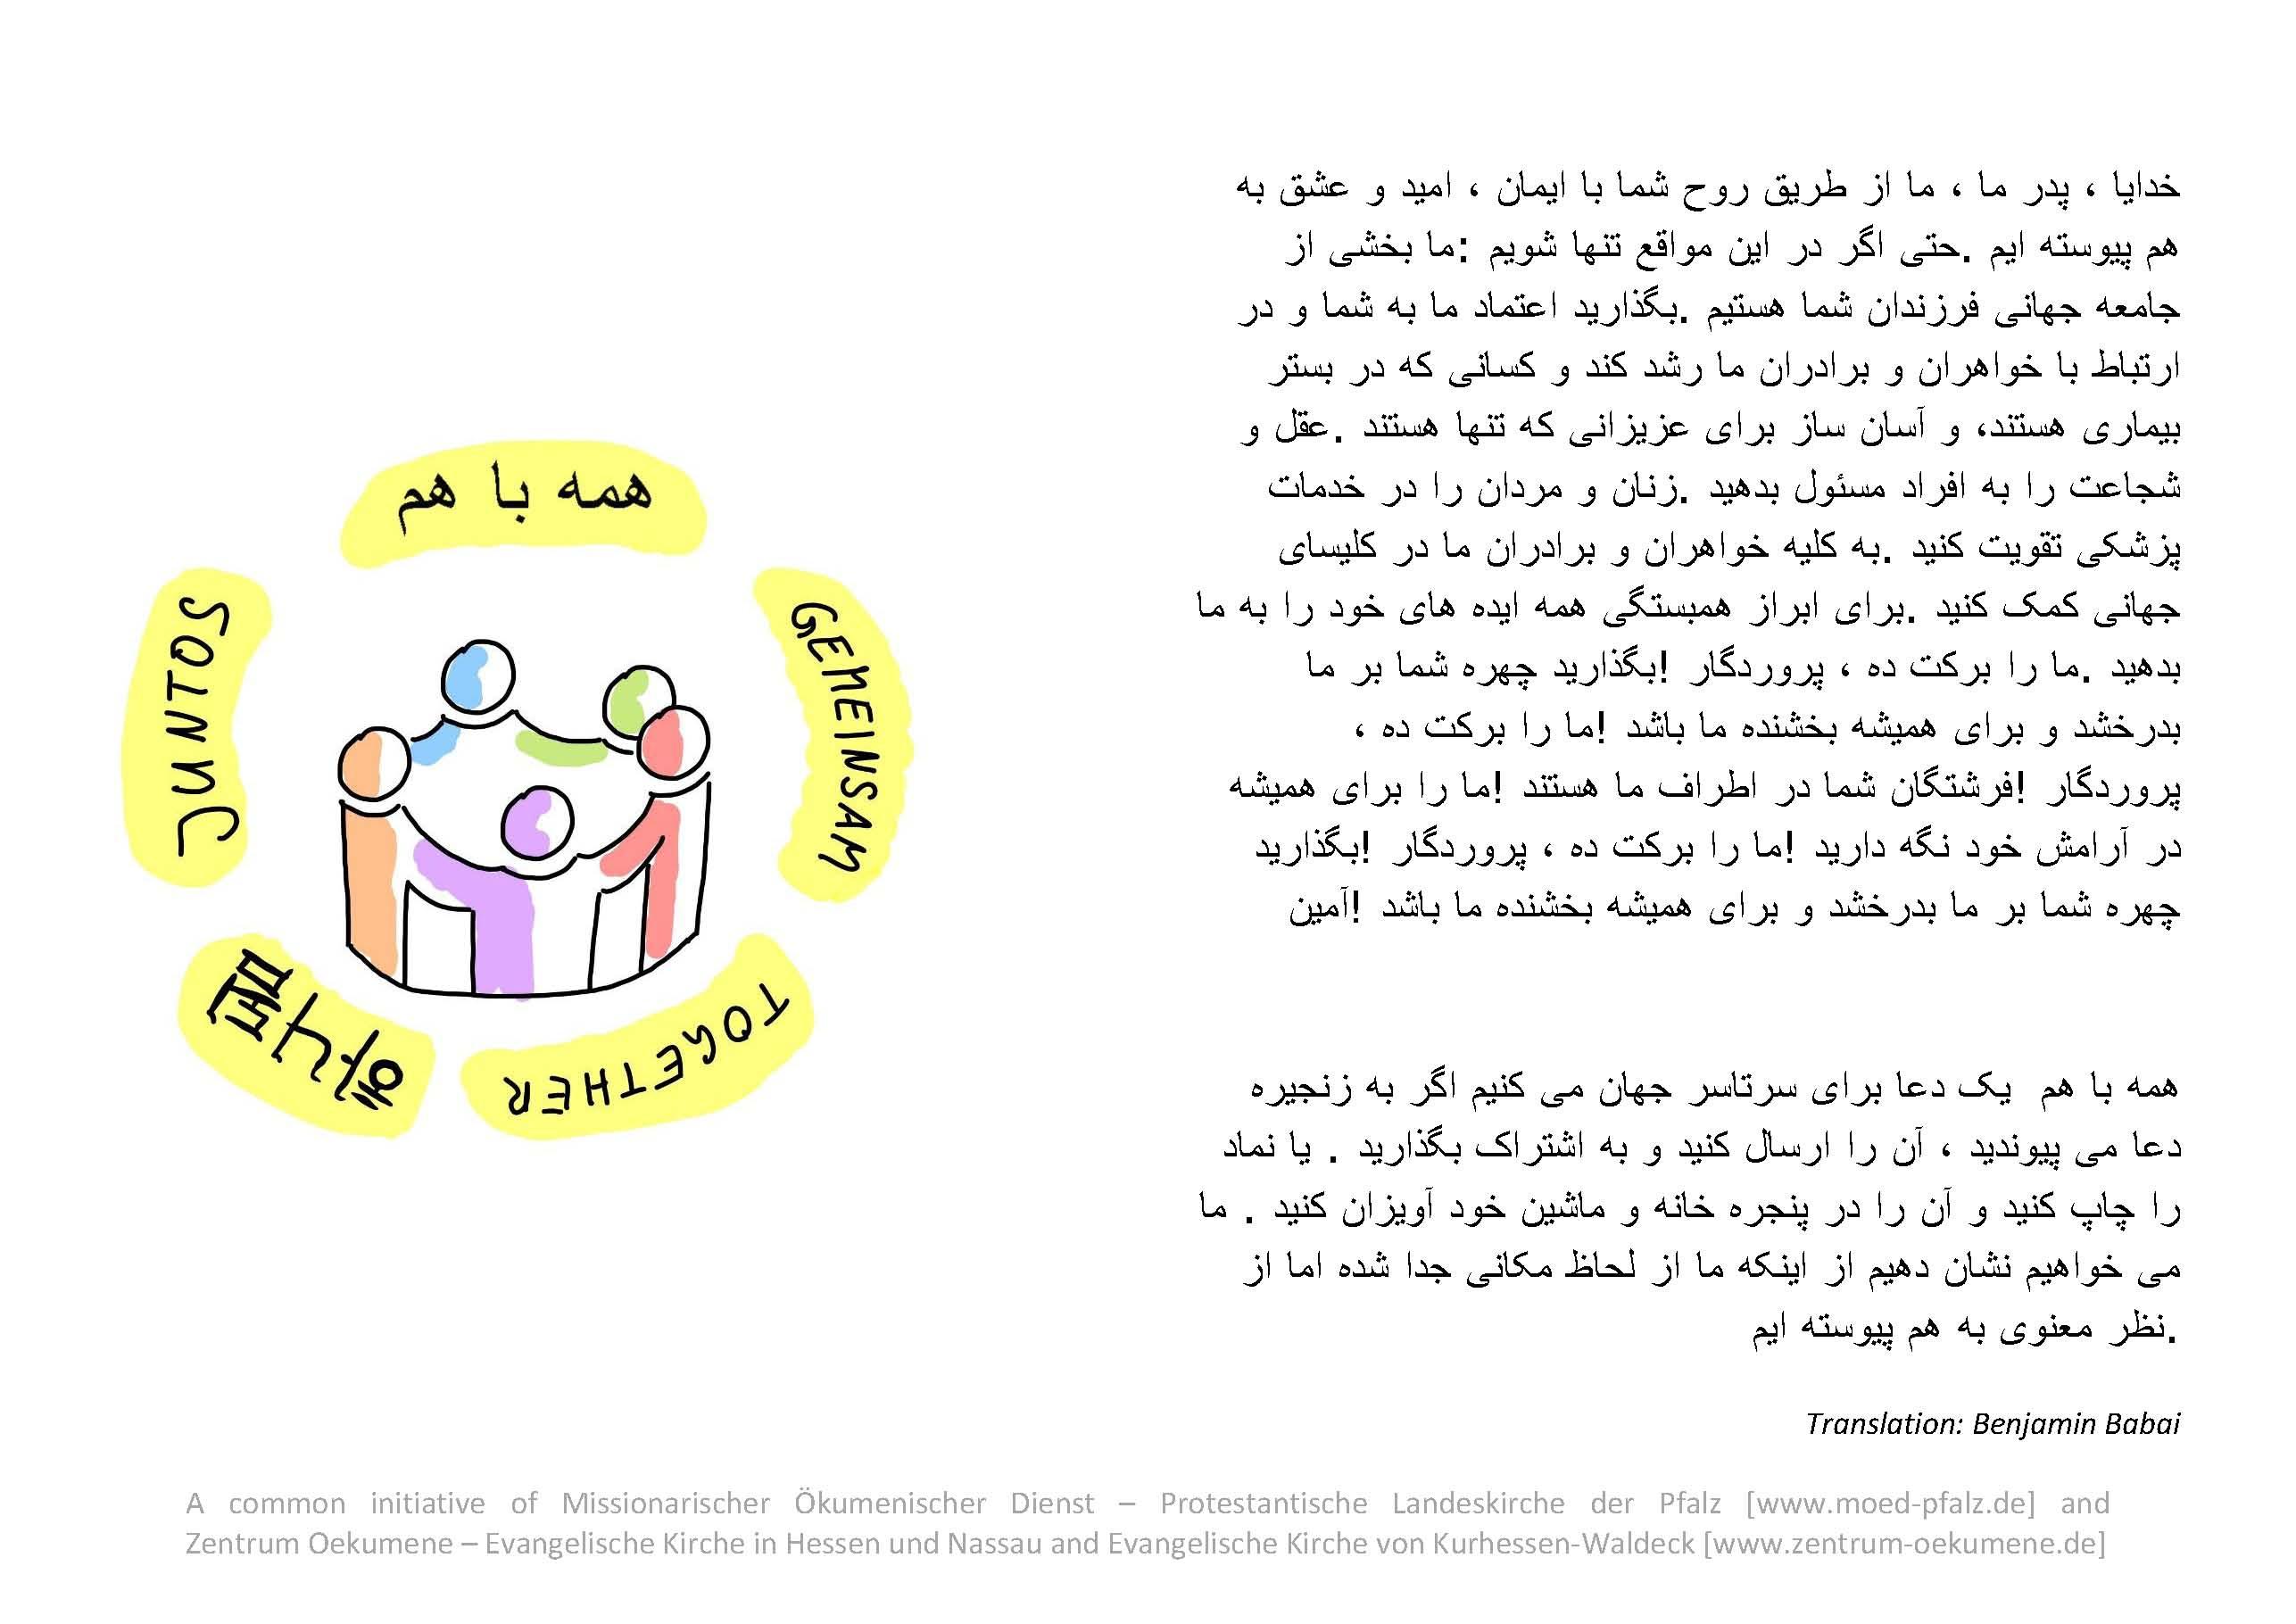 https://www.ekhn.de/fileadmin/content/ekhn.de/download/oekumene/corona/gebete/Gebet_mit_Symbol_Farsi.jpg